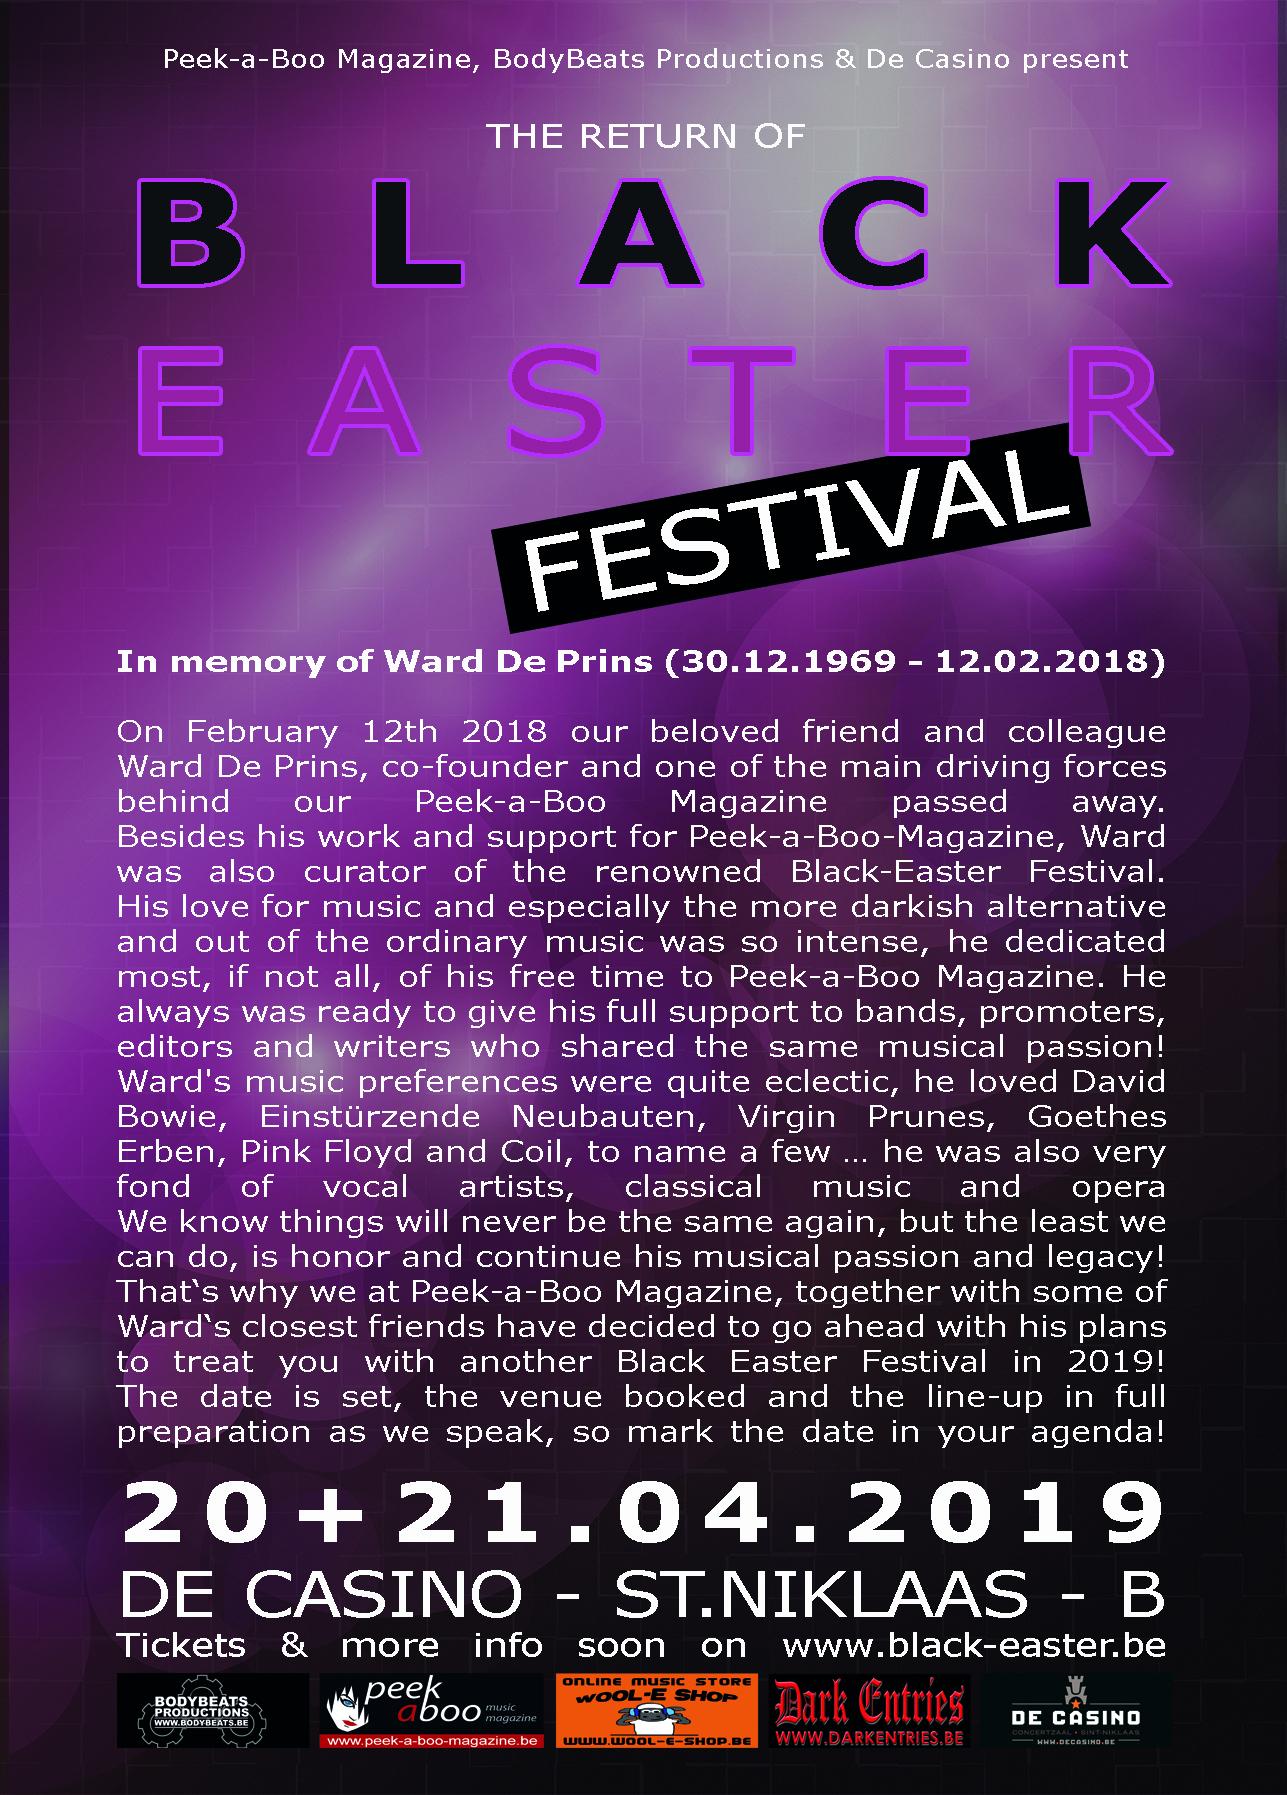 20 + 21.04 Black Easter Festival @ De Casino - St-Niklaas - B